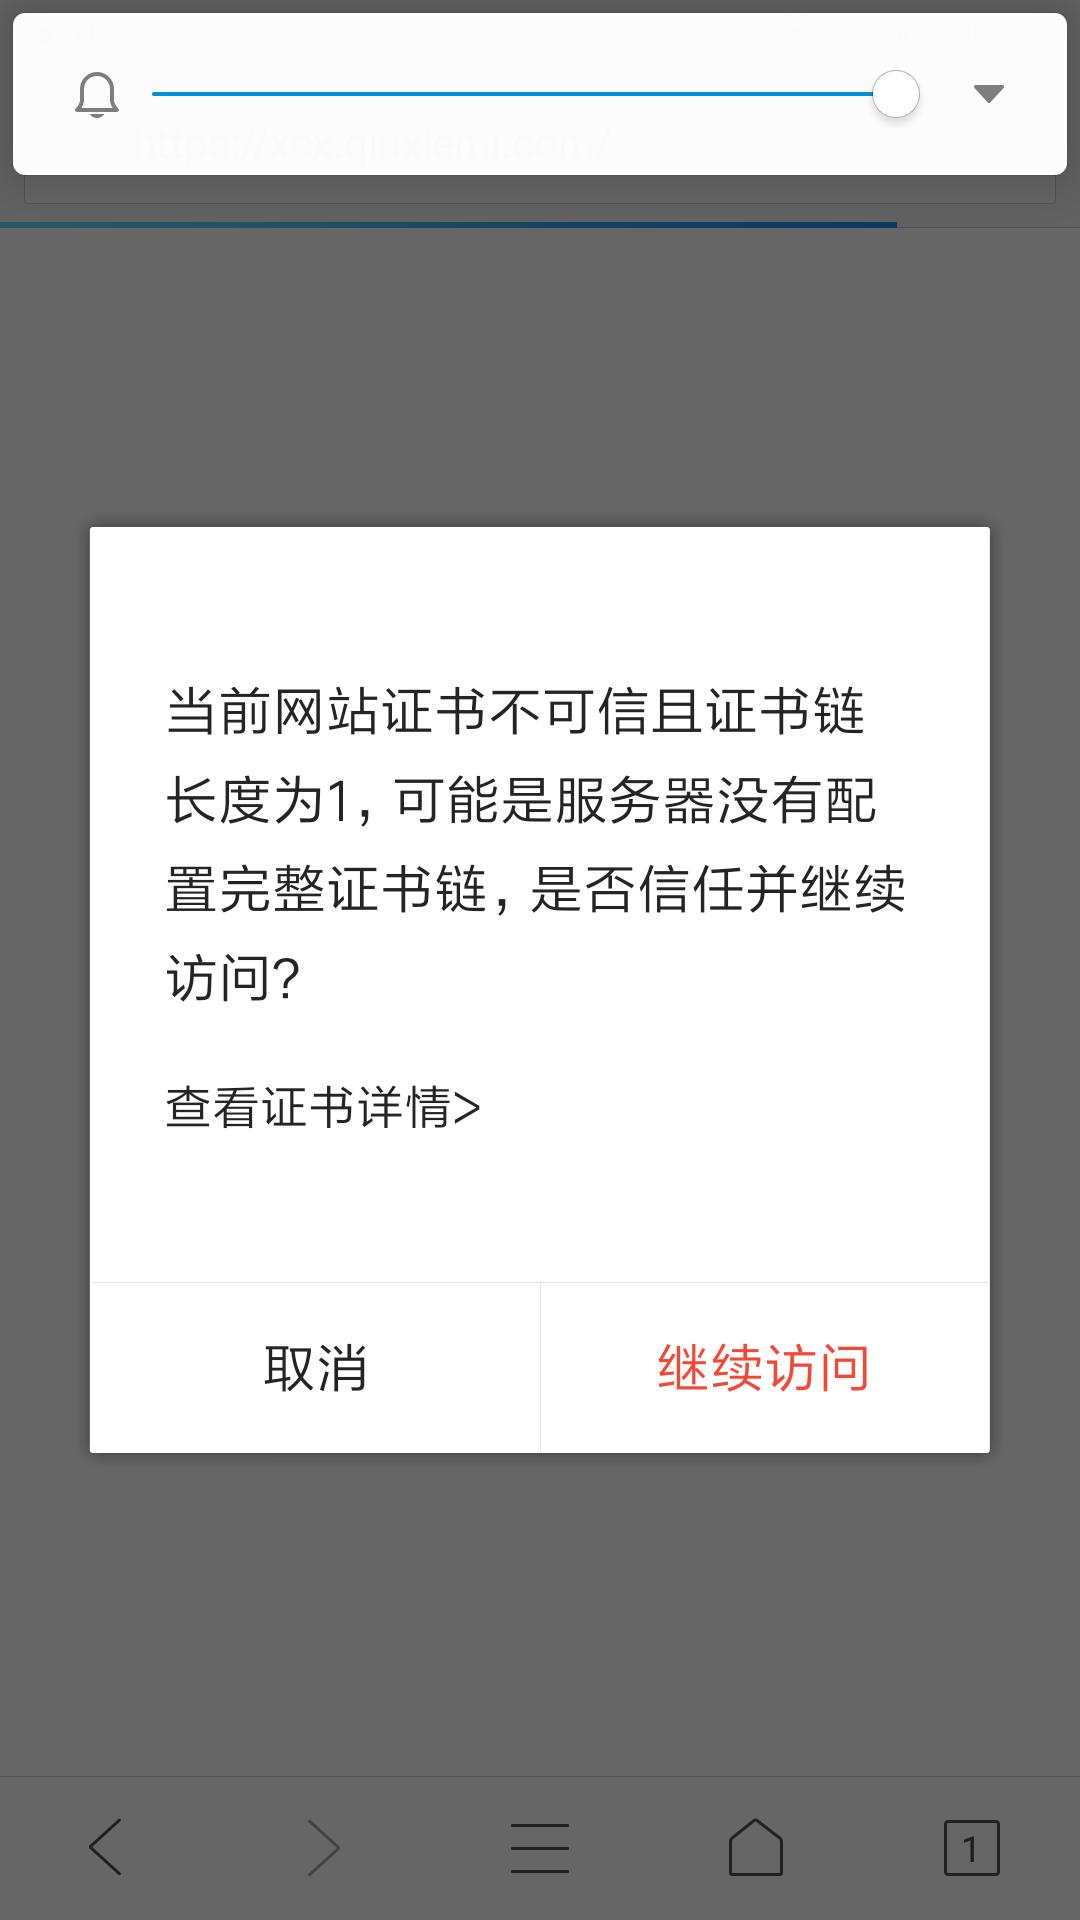 Screenshot_2017-05-28-18-01-16-888_com.tencent.mt.png